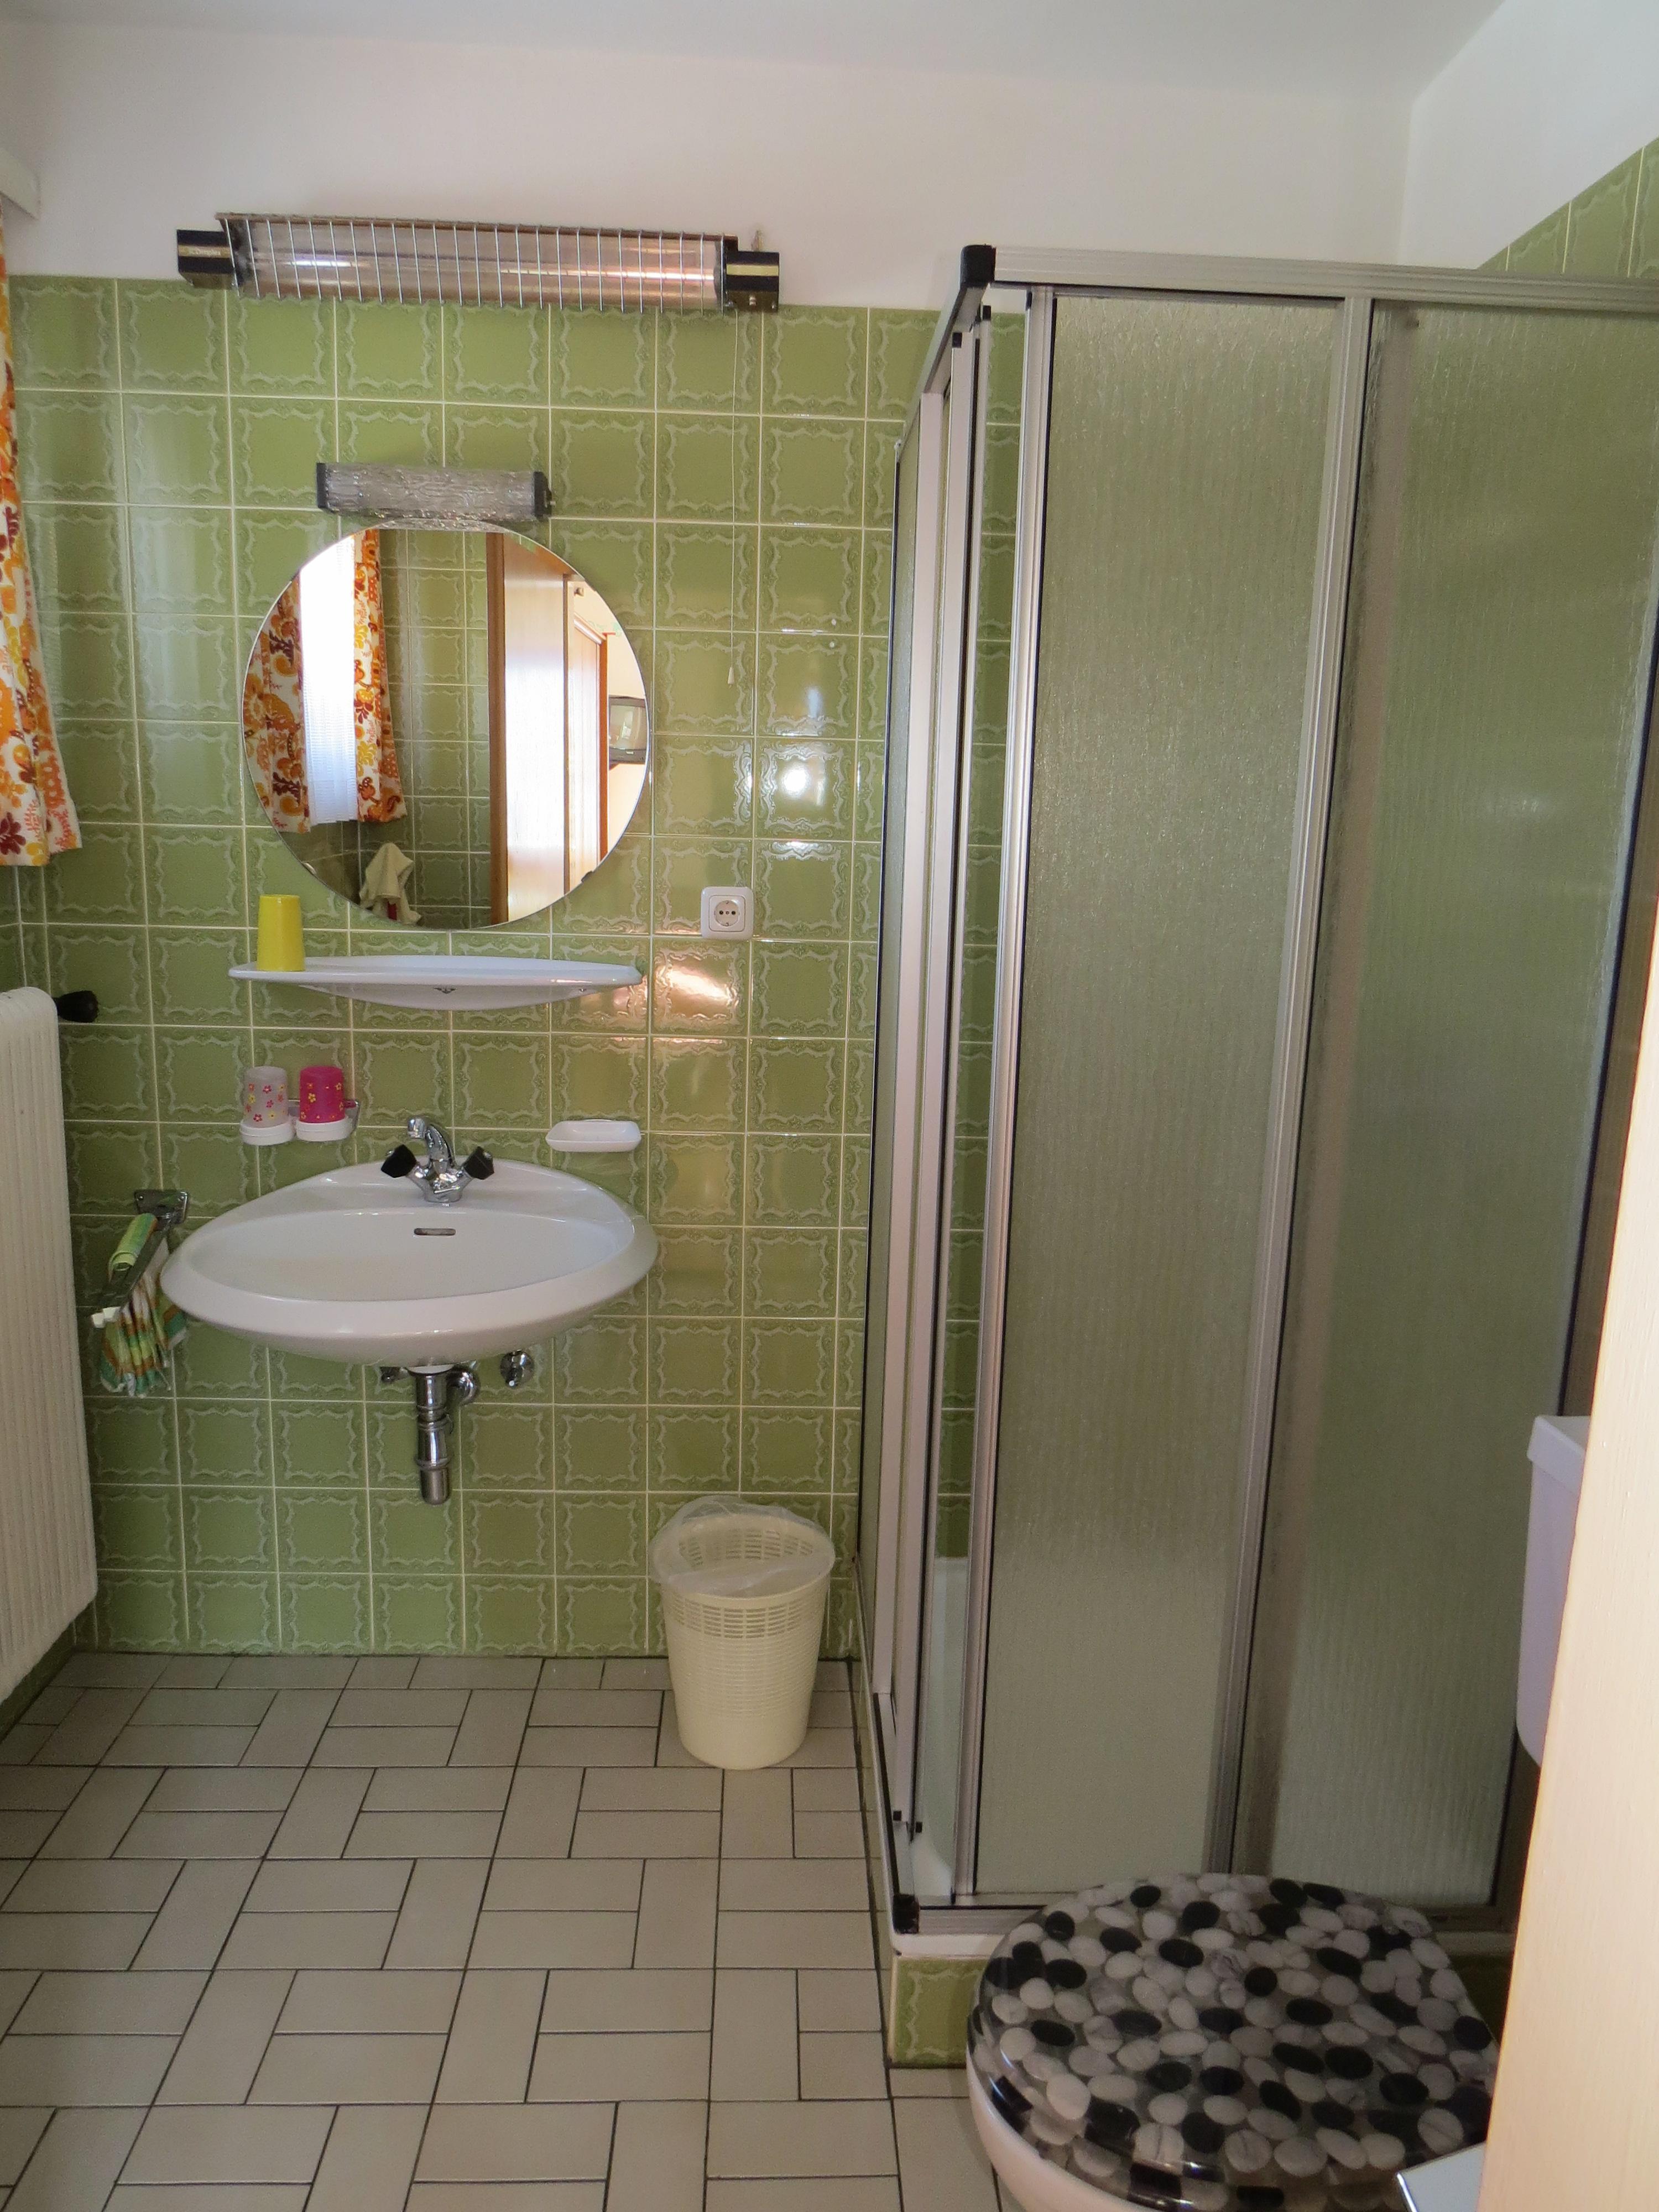 Appartement de vacances Wieser, Haus Apartment/Wohn-Schlafraum/Dusche, WC (1915961), Abtenau, Tennengau, Salzbourg, Autriche, image 13